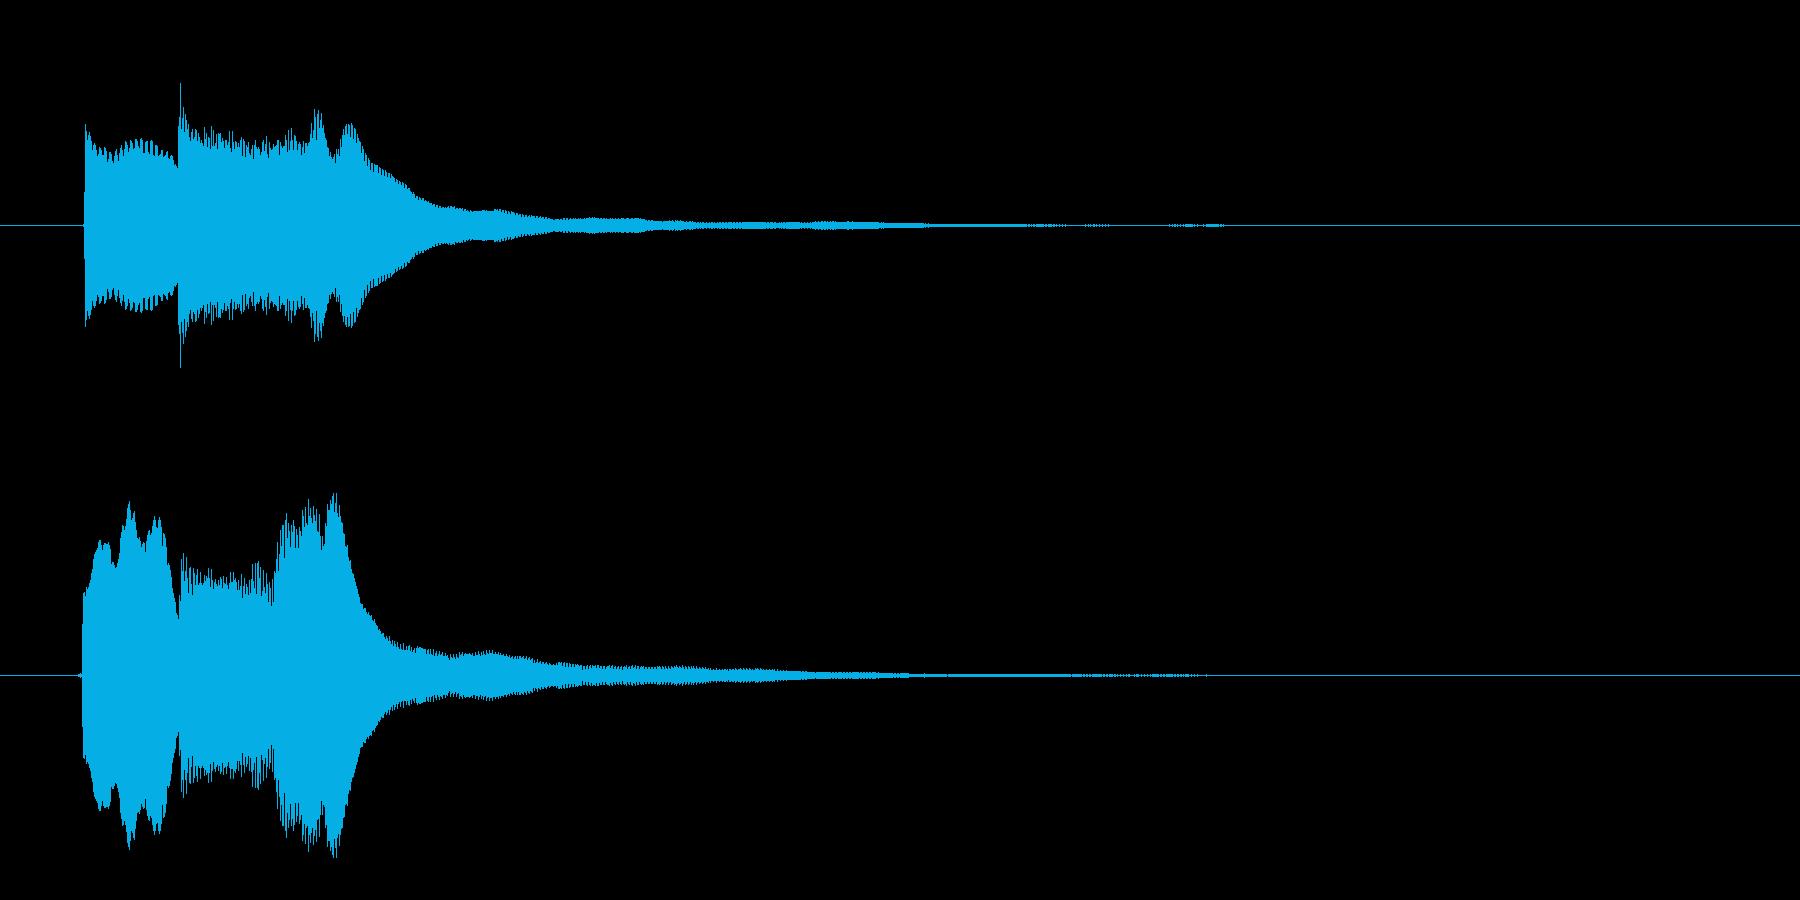 クイズ回答早押しピンポンの再生済みの波形